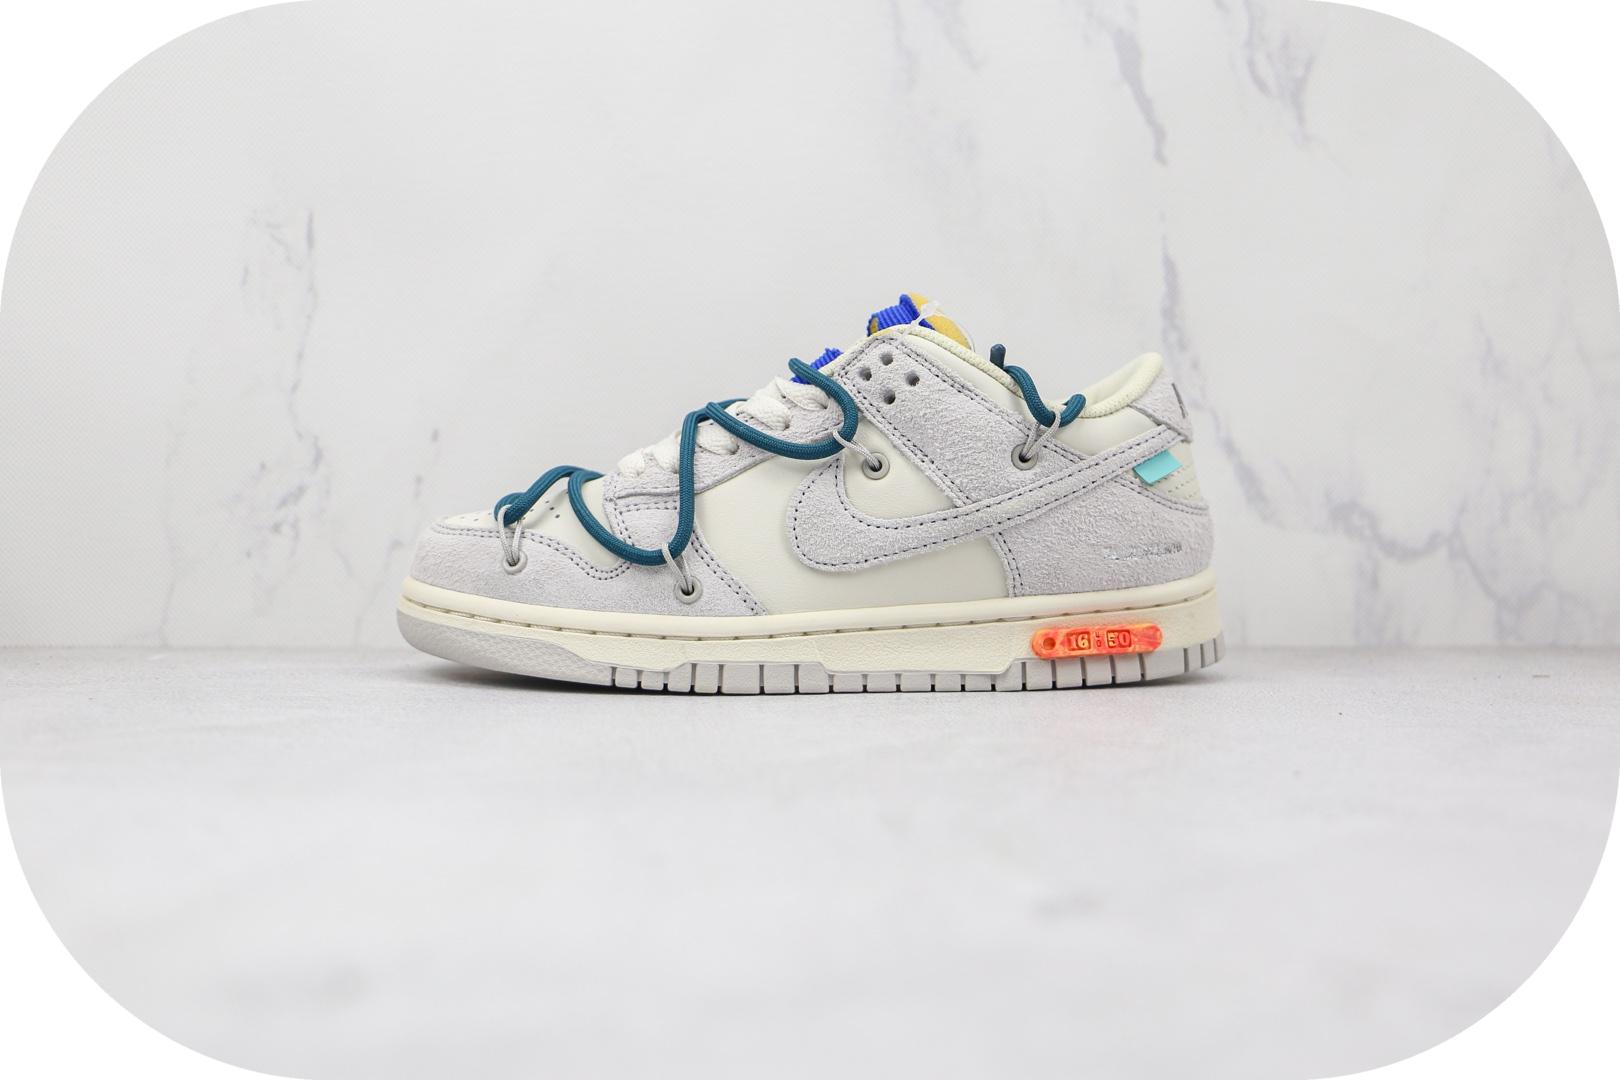 耐克Nike Dunk Low 50 x Off-White联名款纯原版本低帮DUNK麂皮灰白绿色板鞋原楦头纸板打造 货号:DJ0950-111